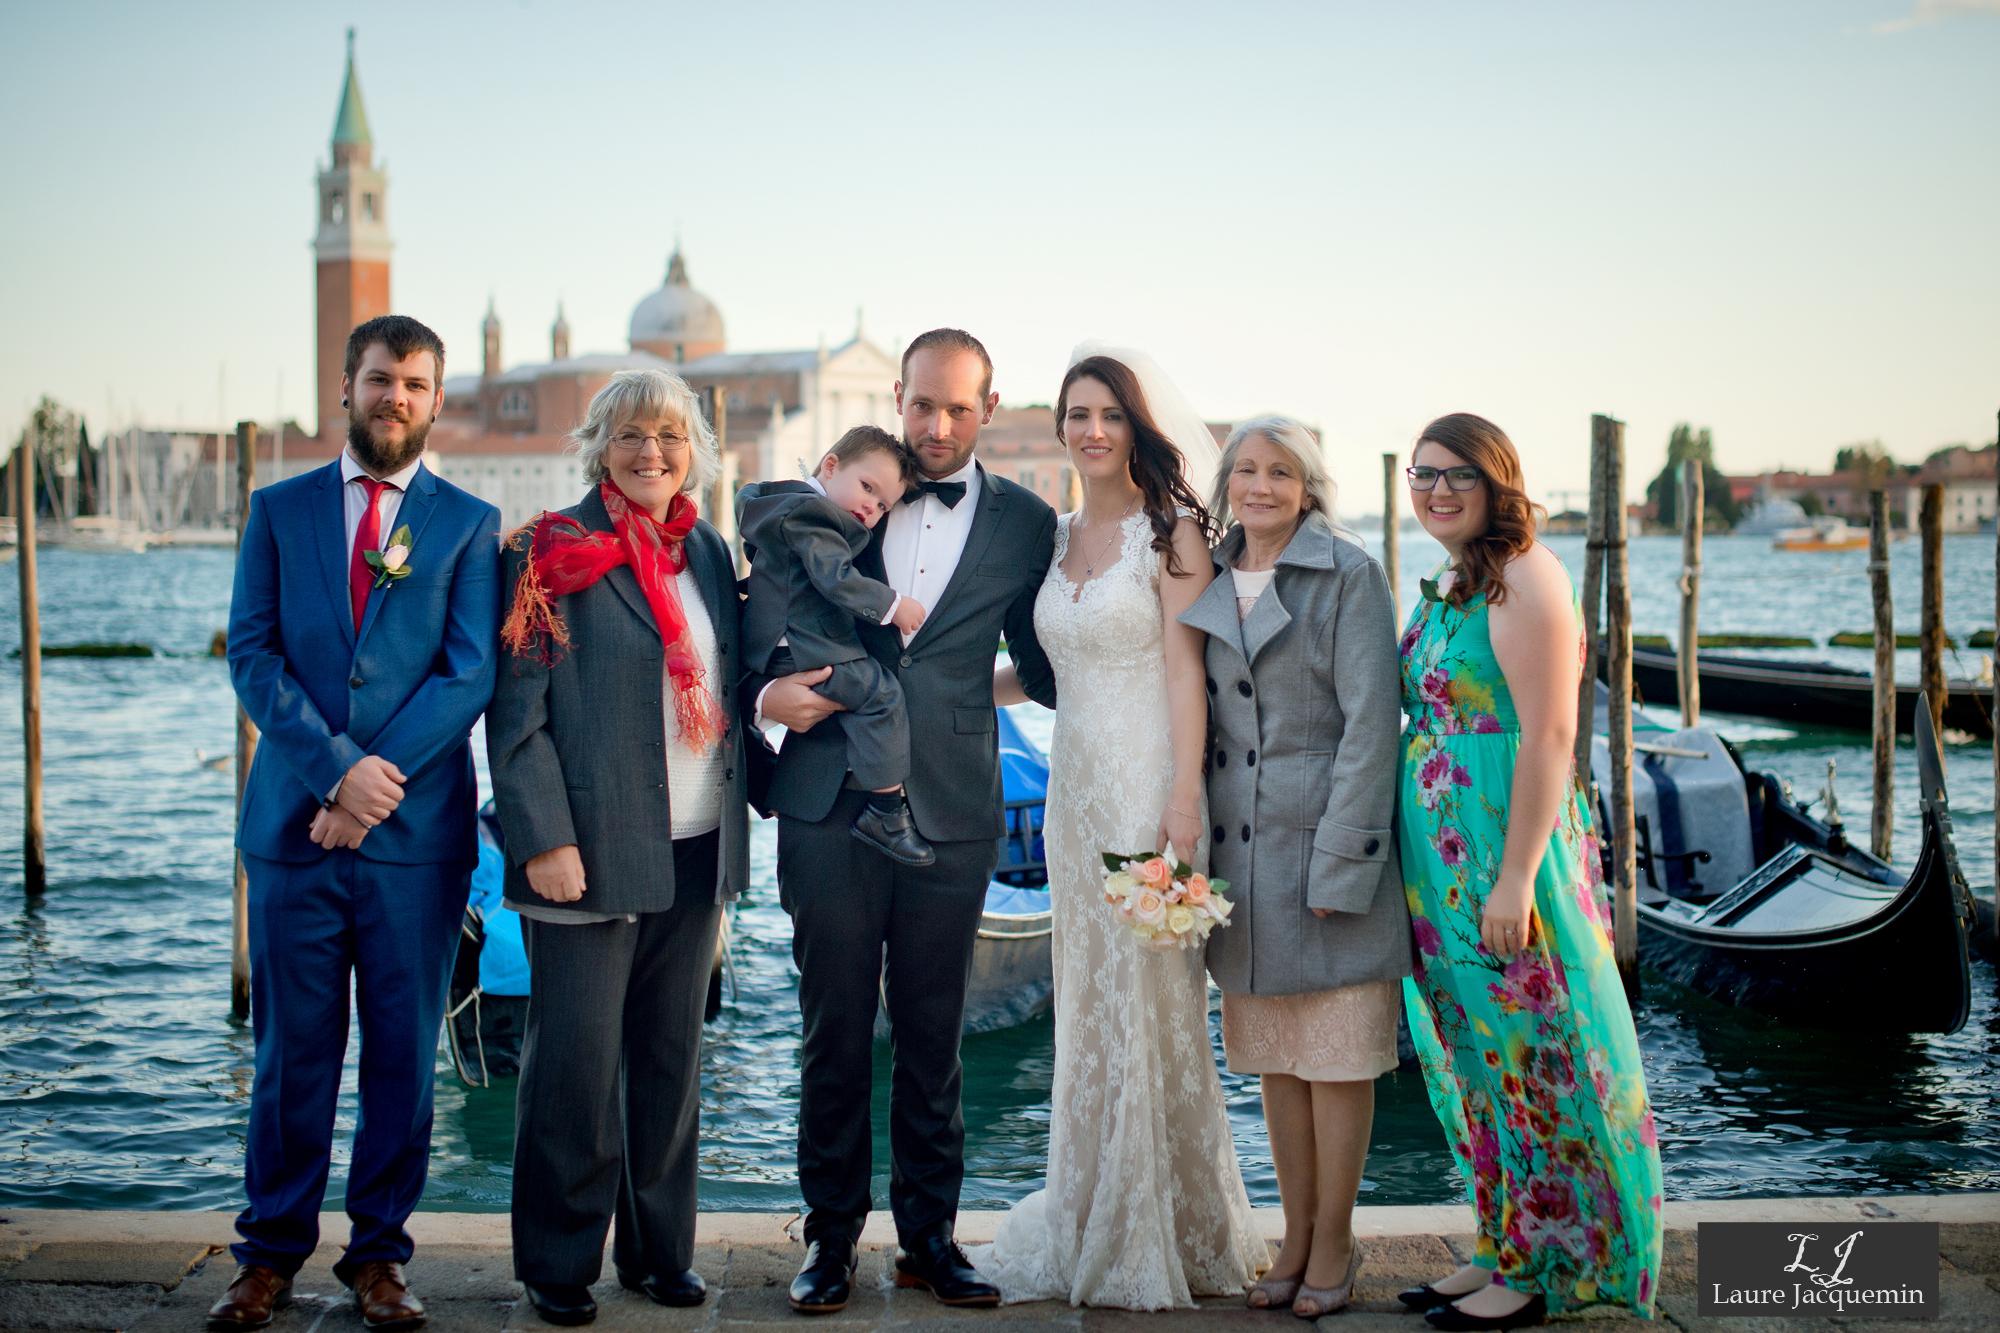 photographe mariage laure jacquemin palazzo cavalli service photographique (109)